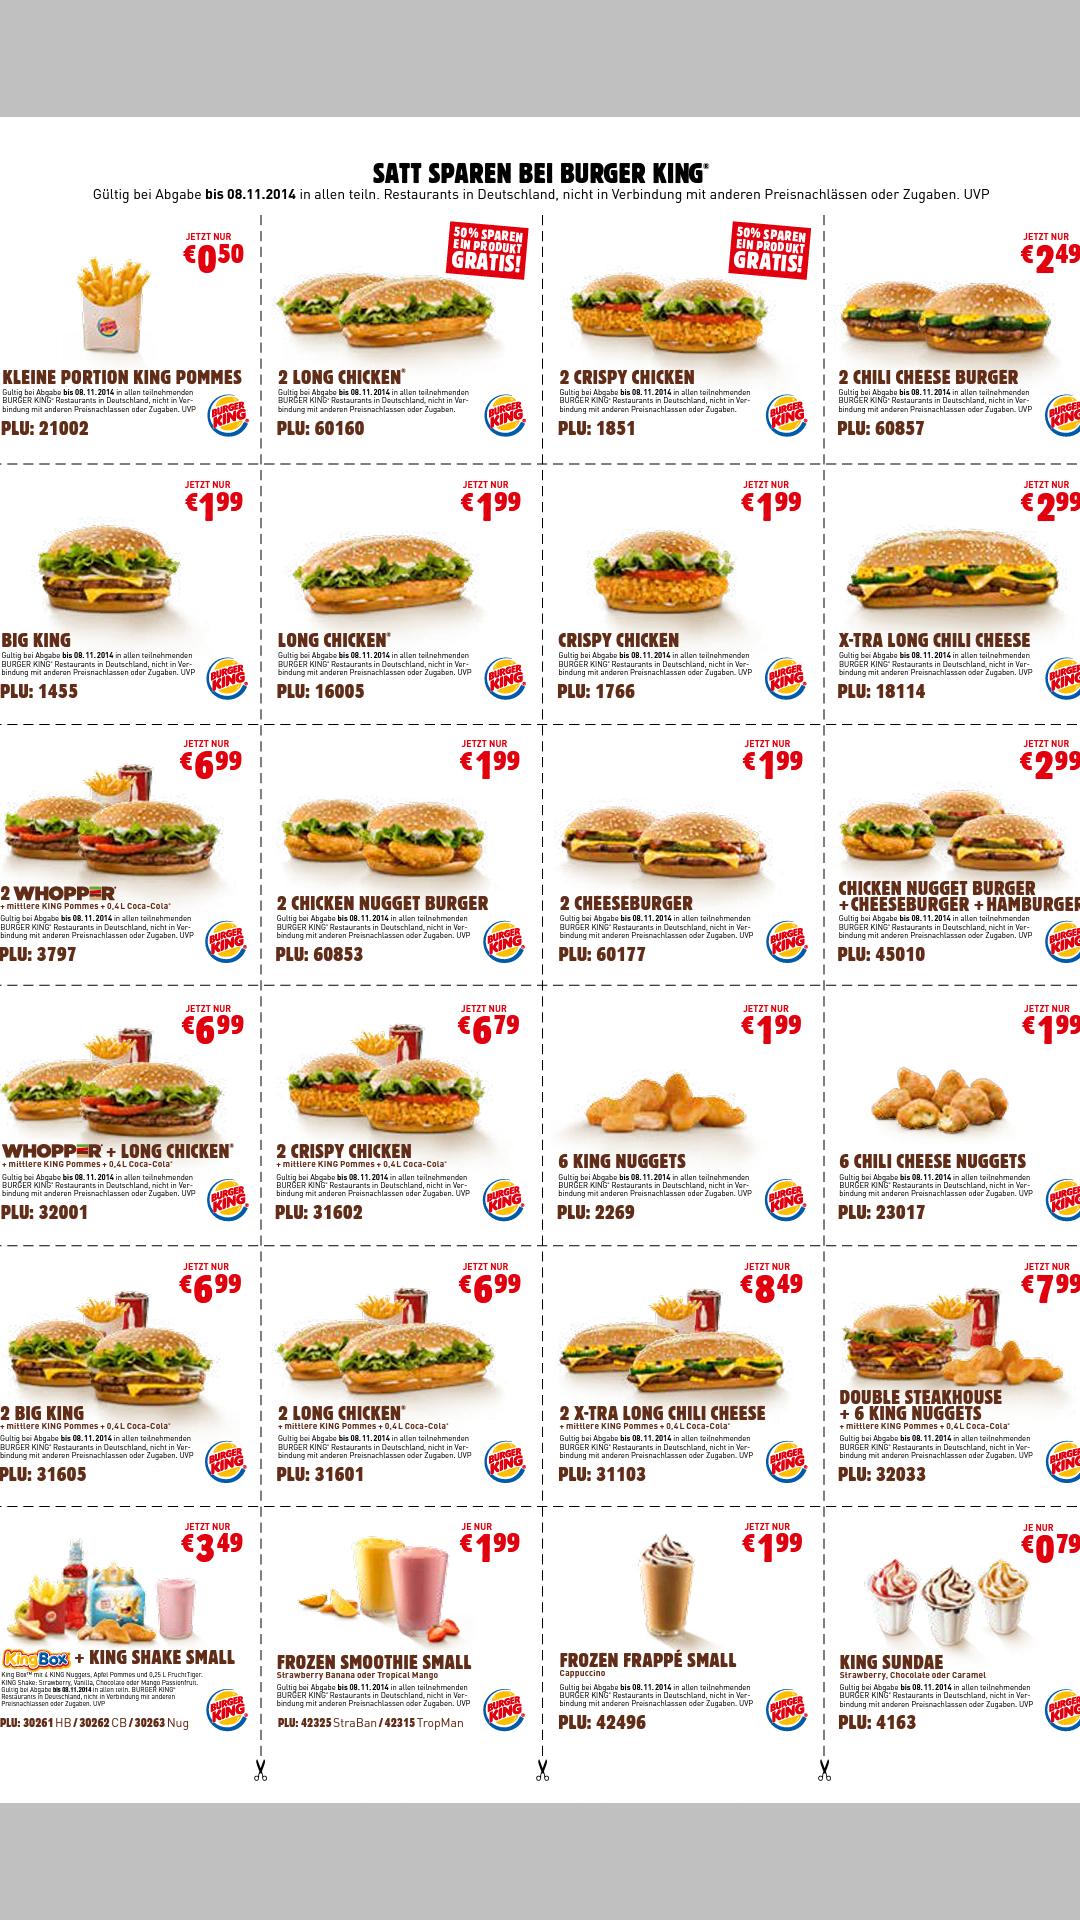 Burger King Gutscheincodes PLU - dauerhaft gültig